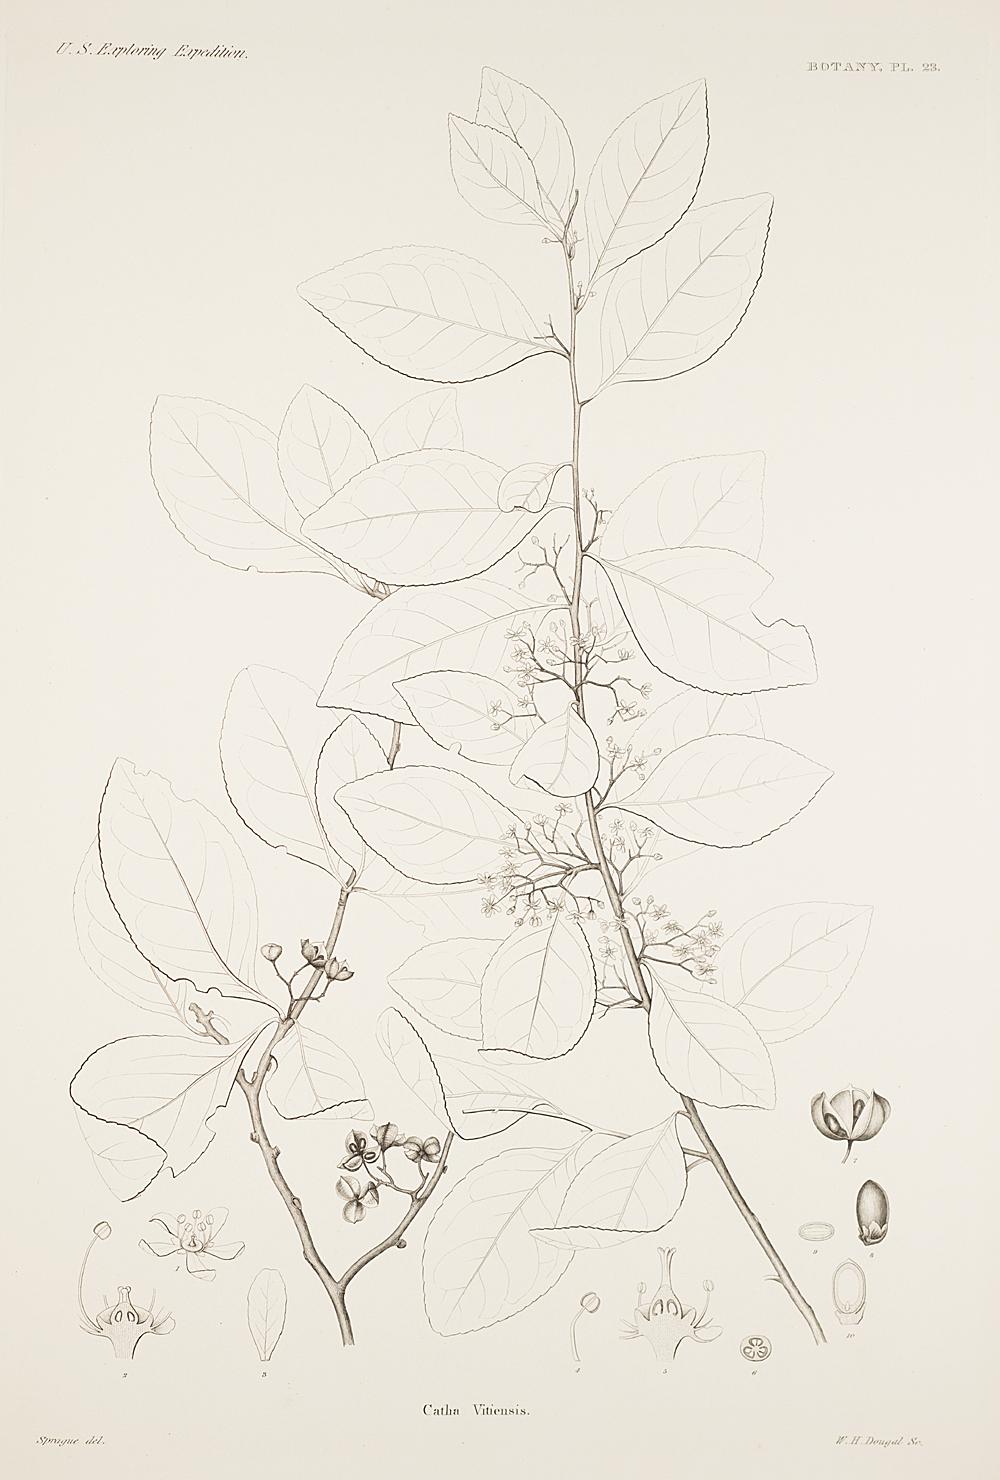 Botany, Pl. 23,  Image number:sil19-23-057b